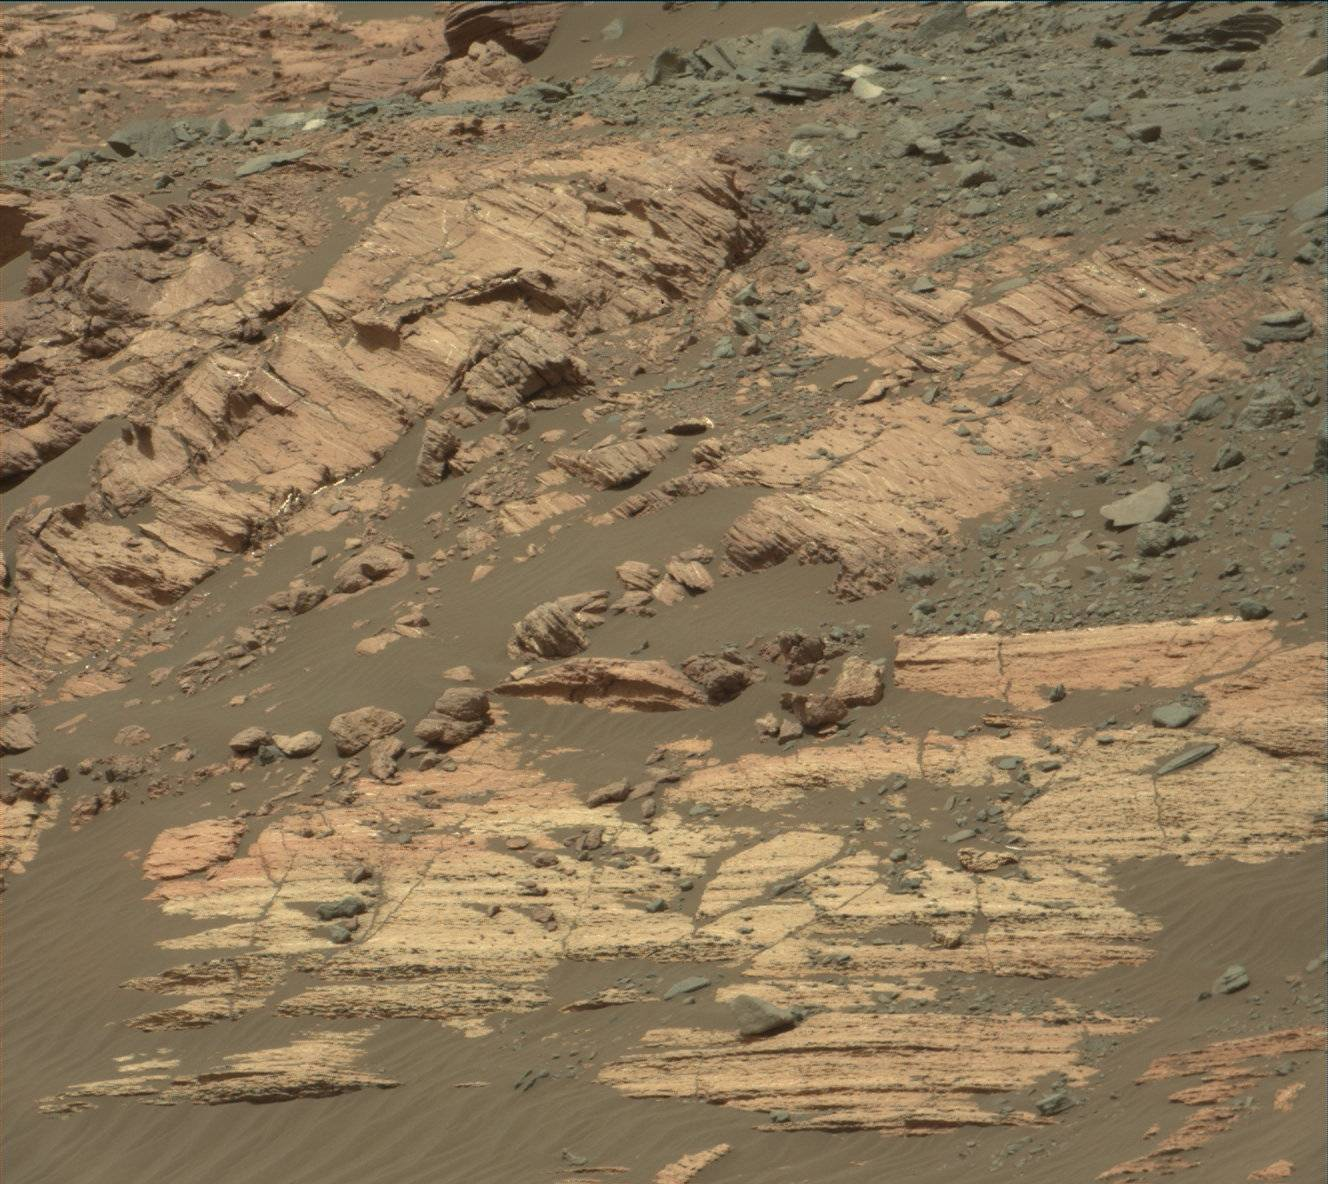 jpl mars rover curiosity - photo #45